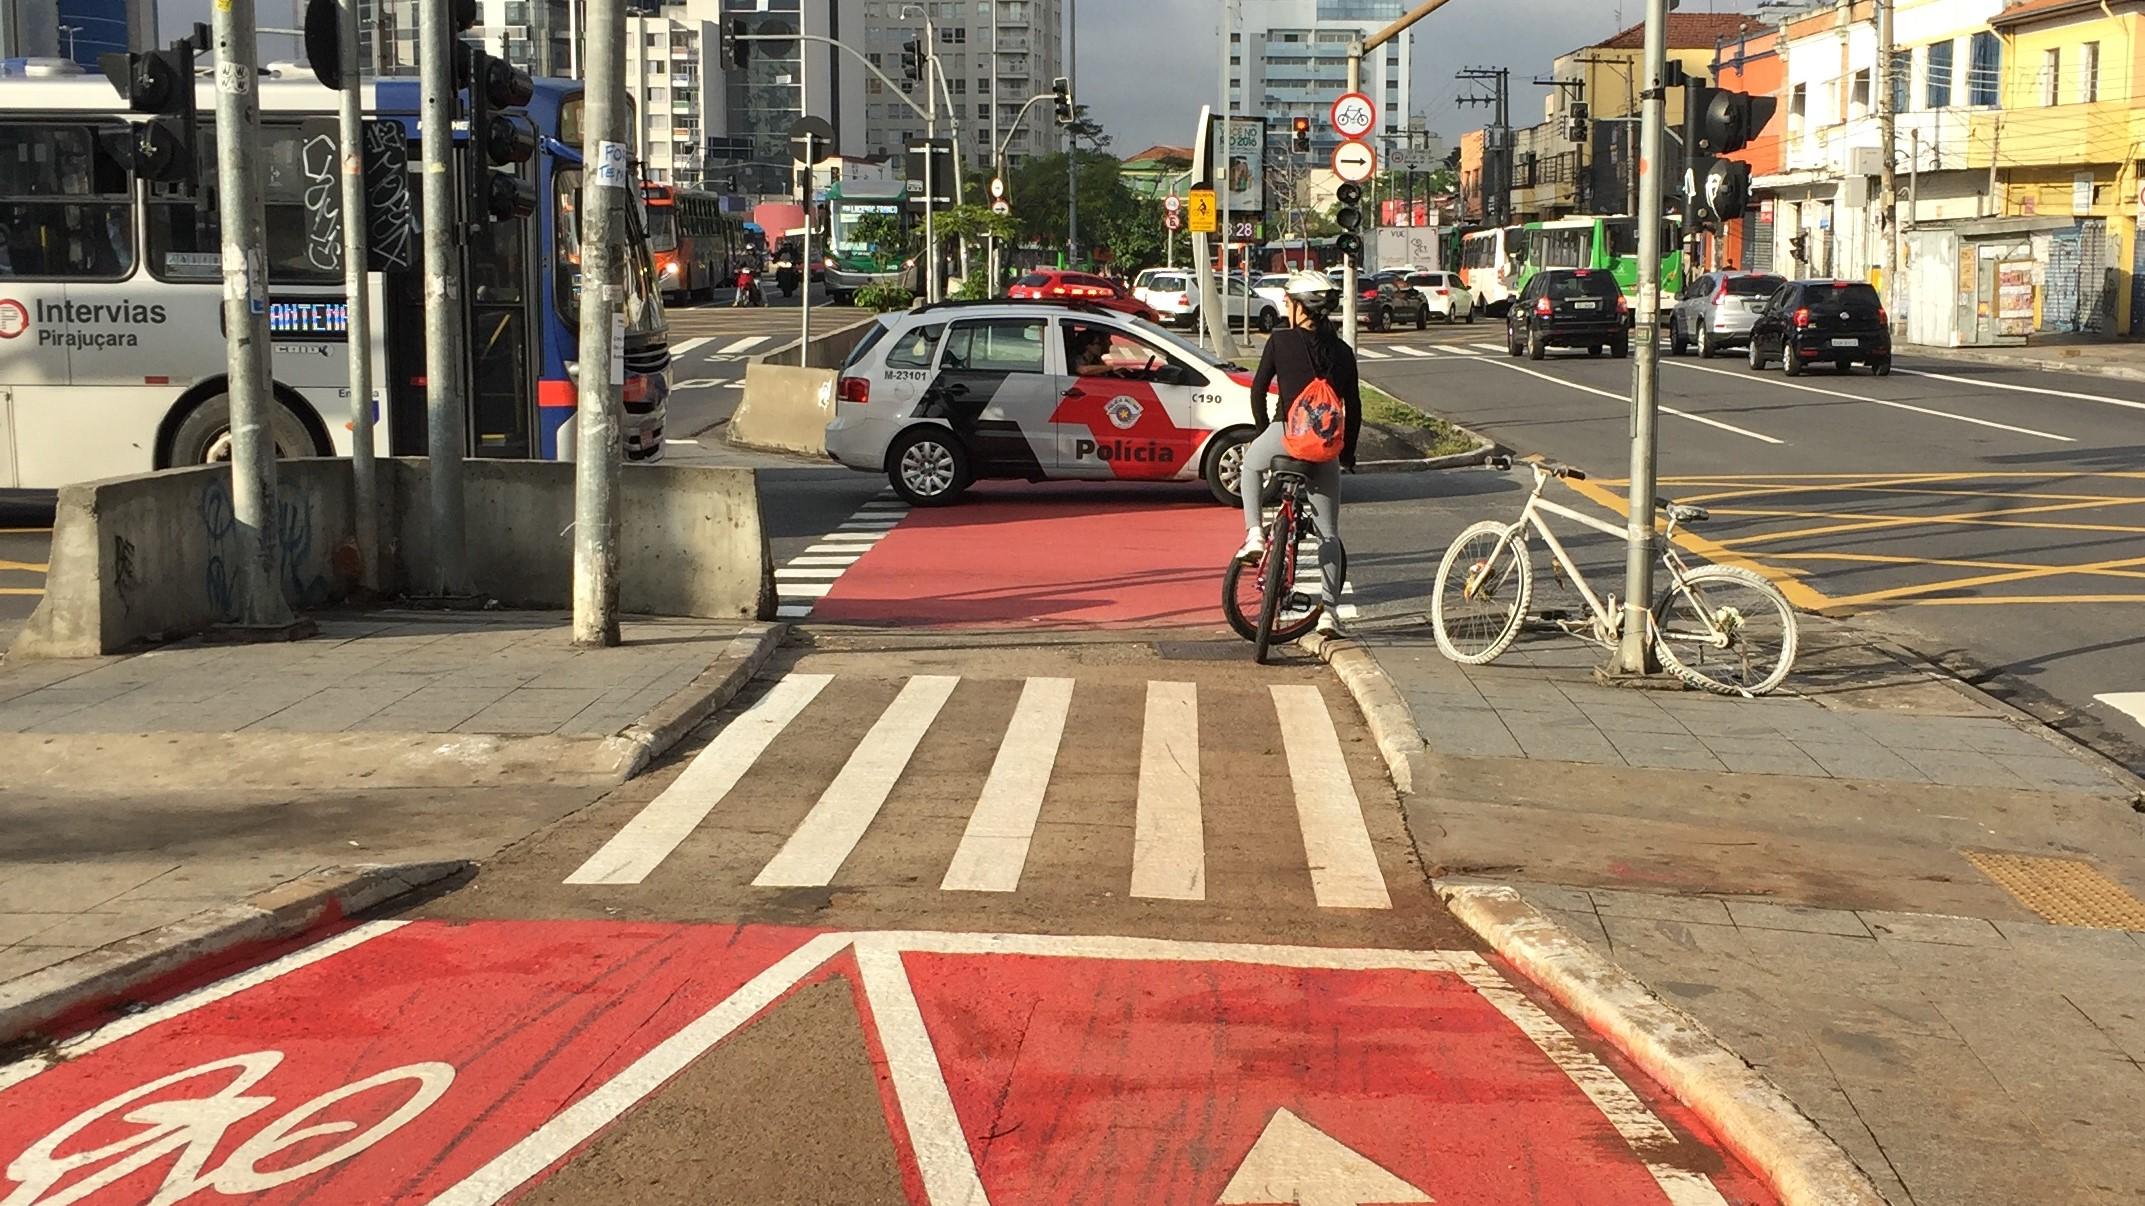 Nova estação e novas bicicletas do Bike Sampa (Divulgação/Prefeitura de São Paulo)